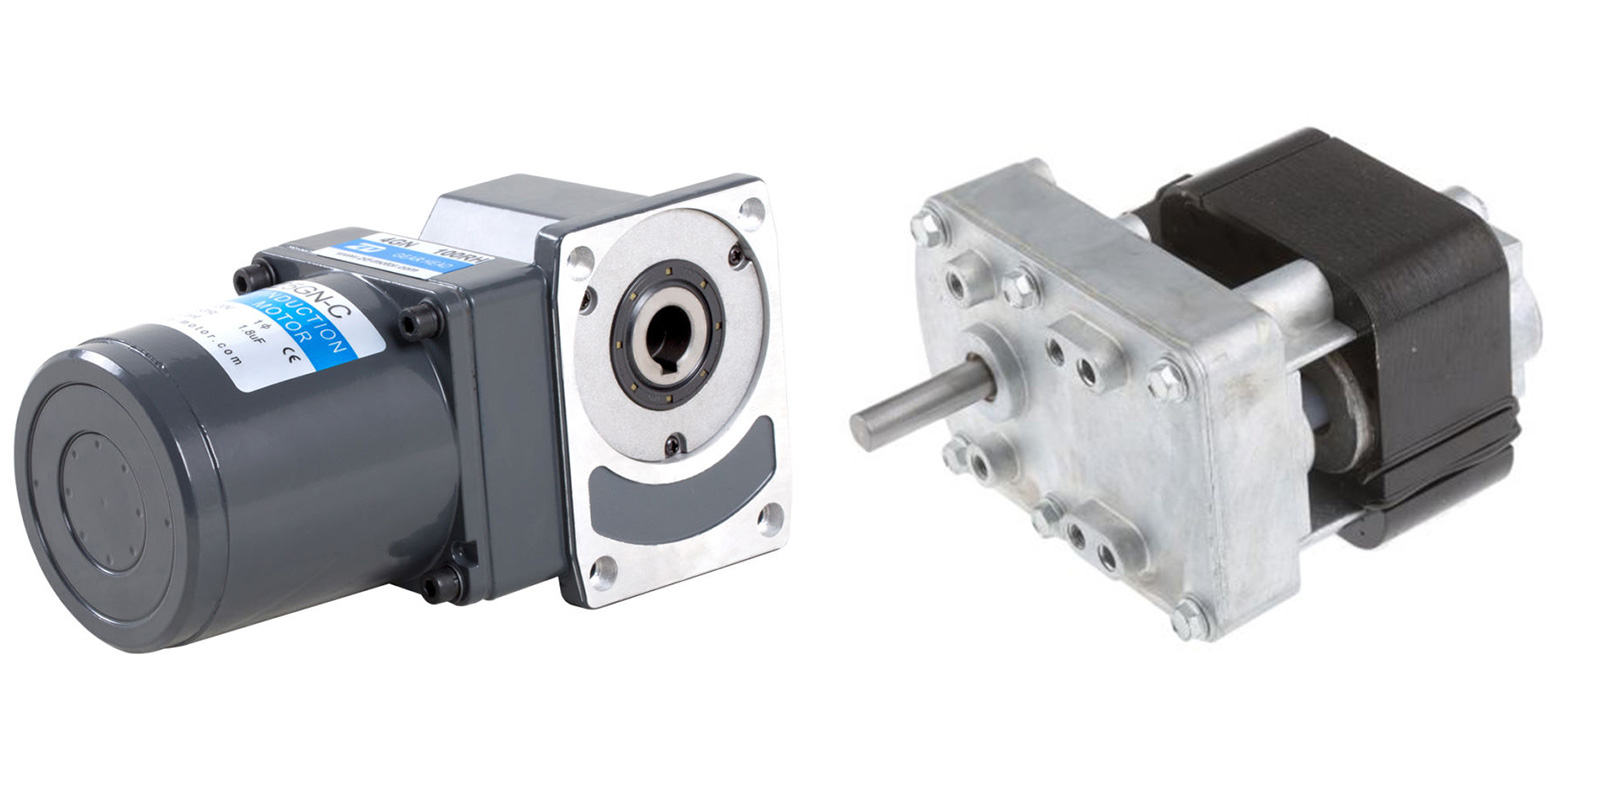 Motor og gear